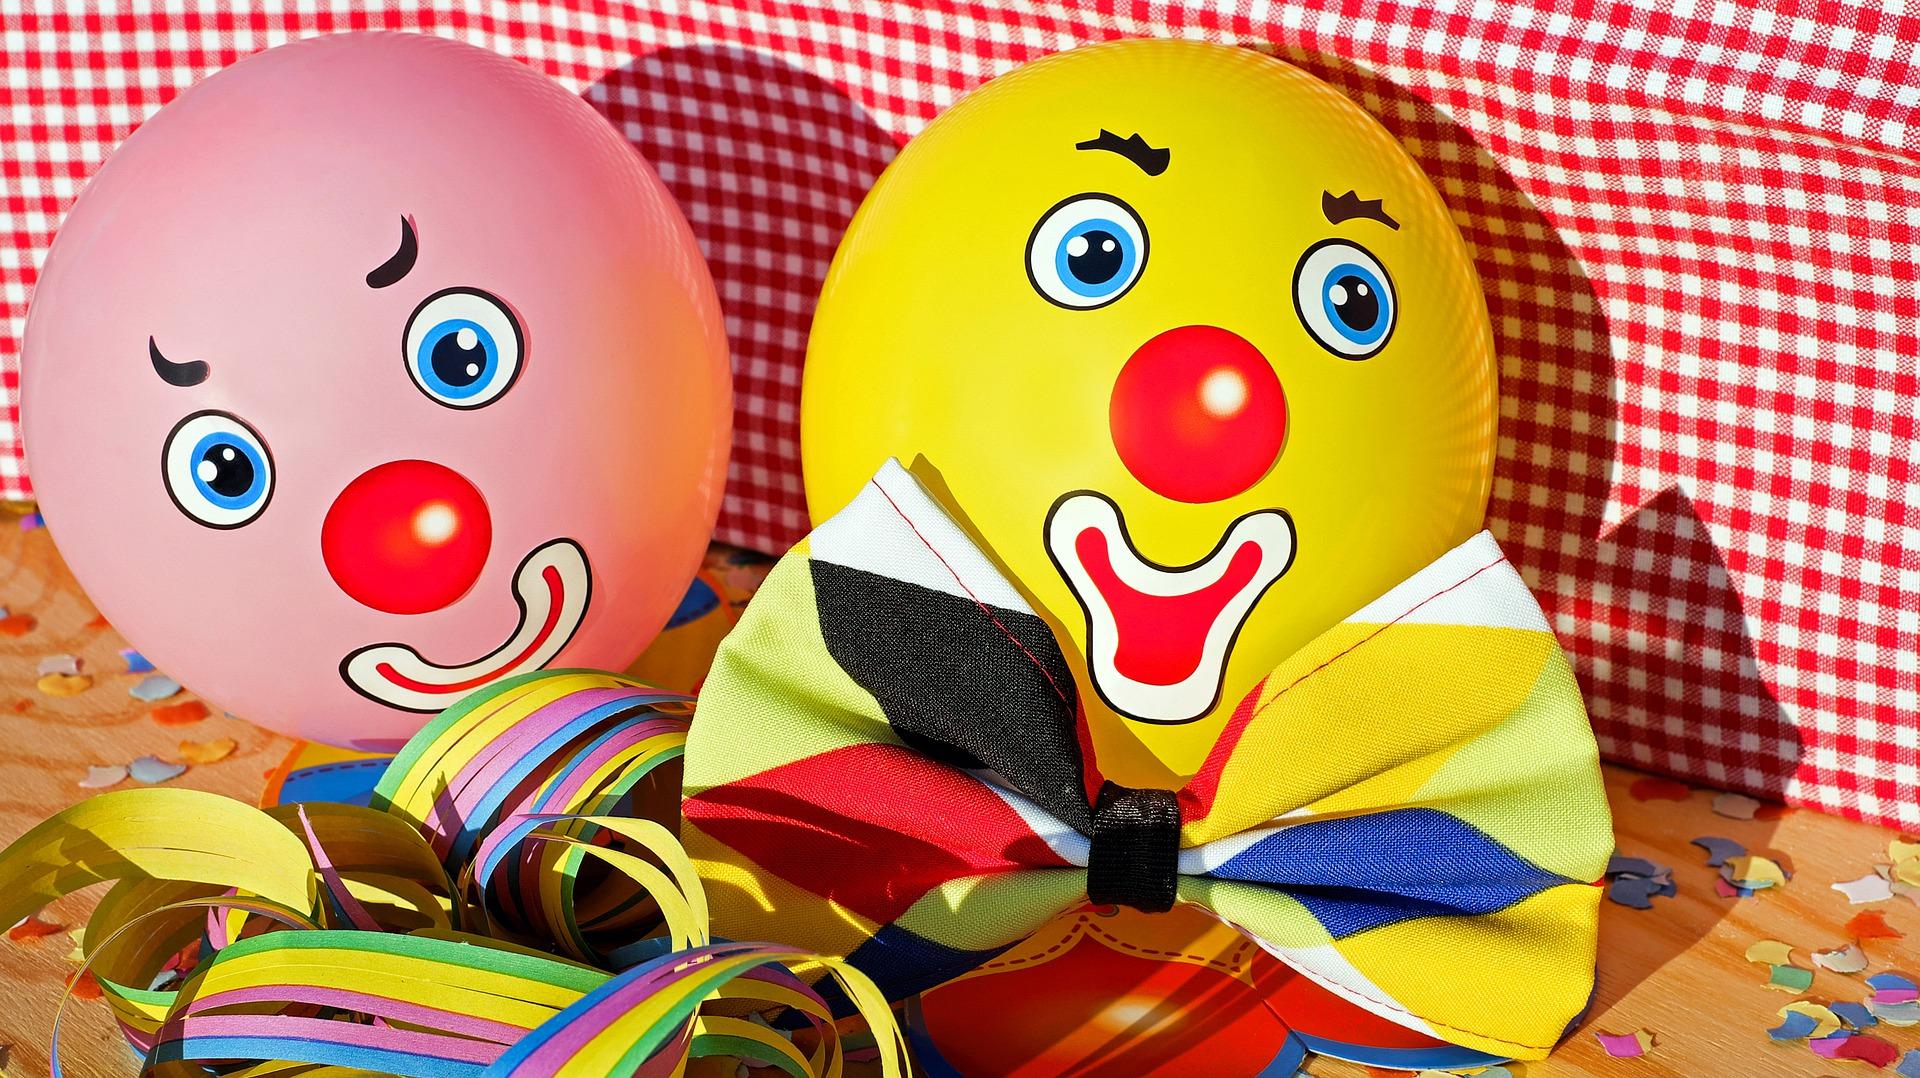 clowns-3084274_1920